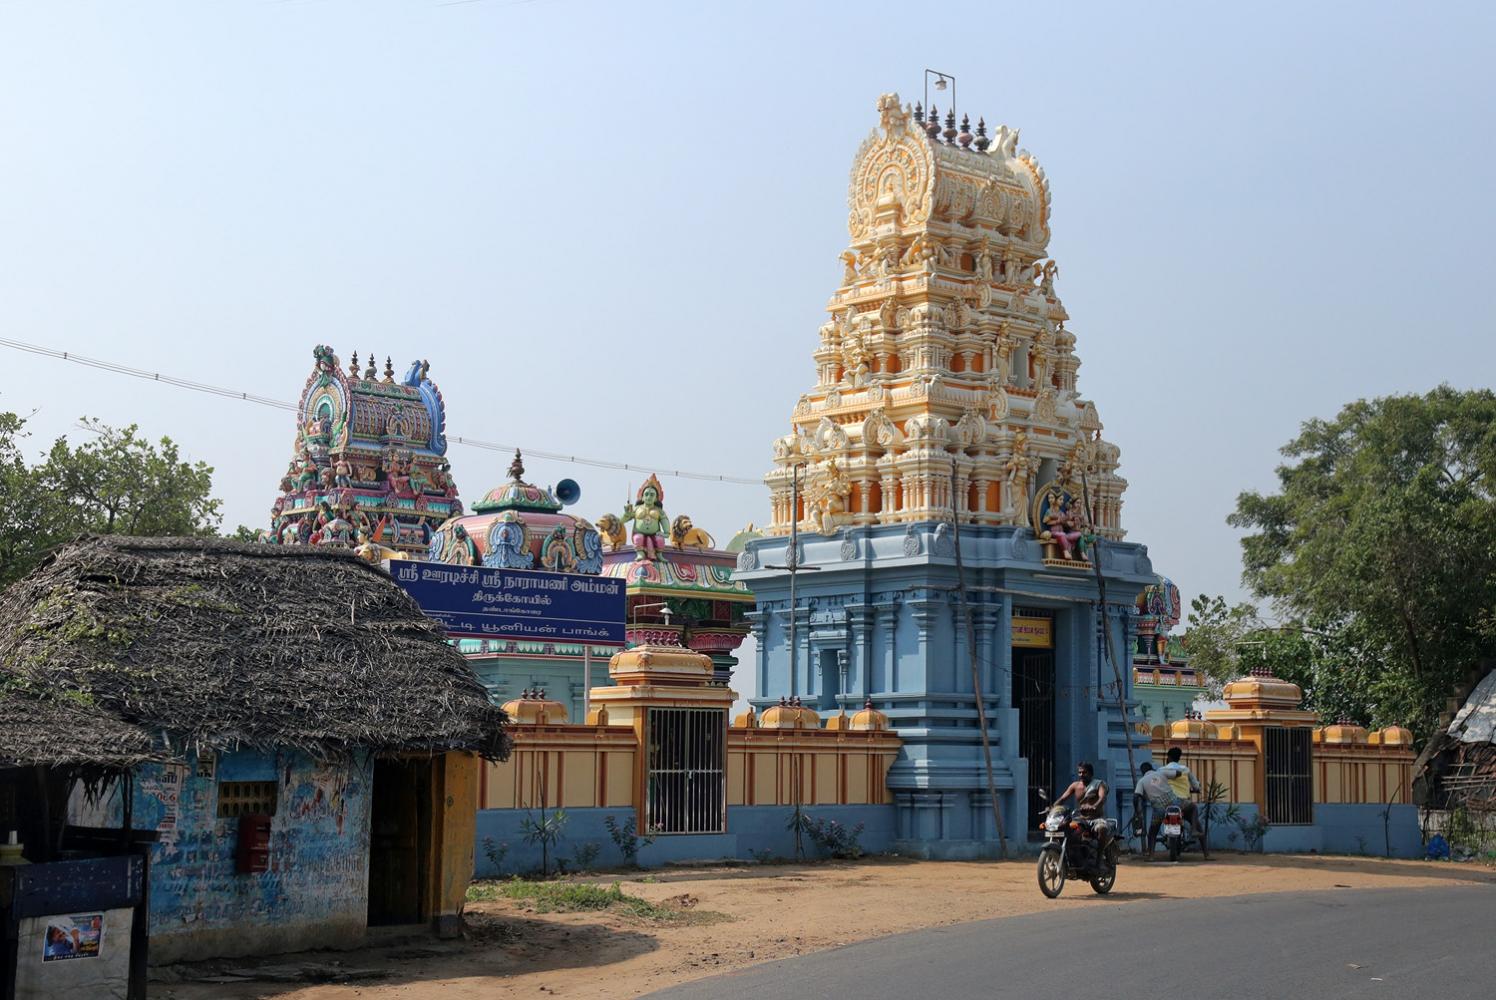 18-tamiltempleA Tamil Temple,  Tamil Nadu, India, 2018